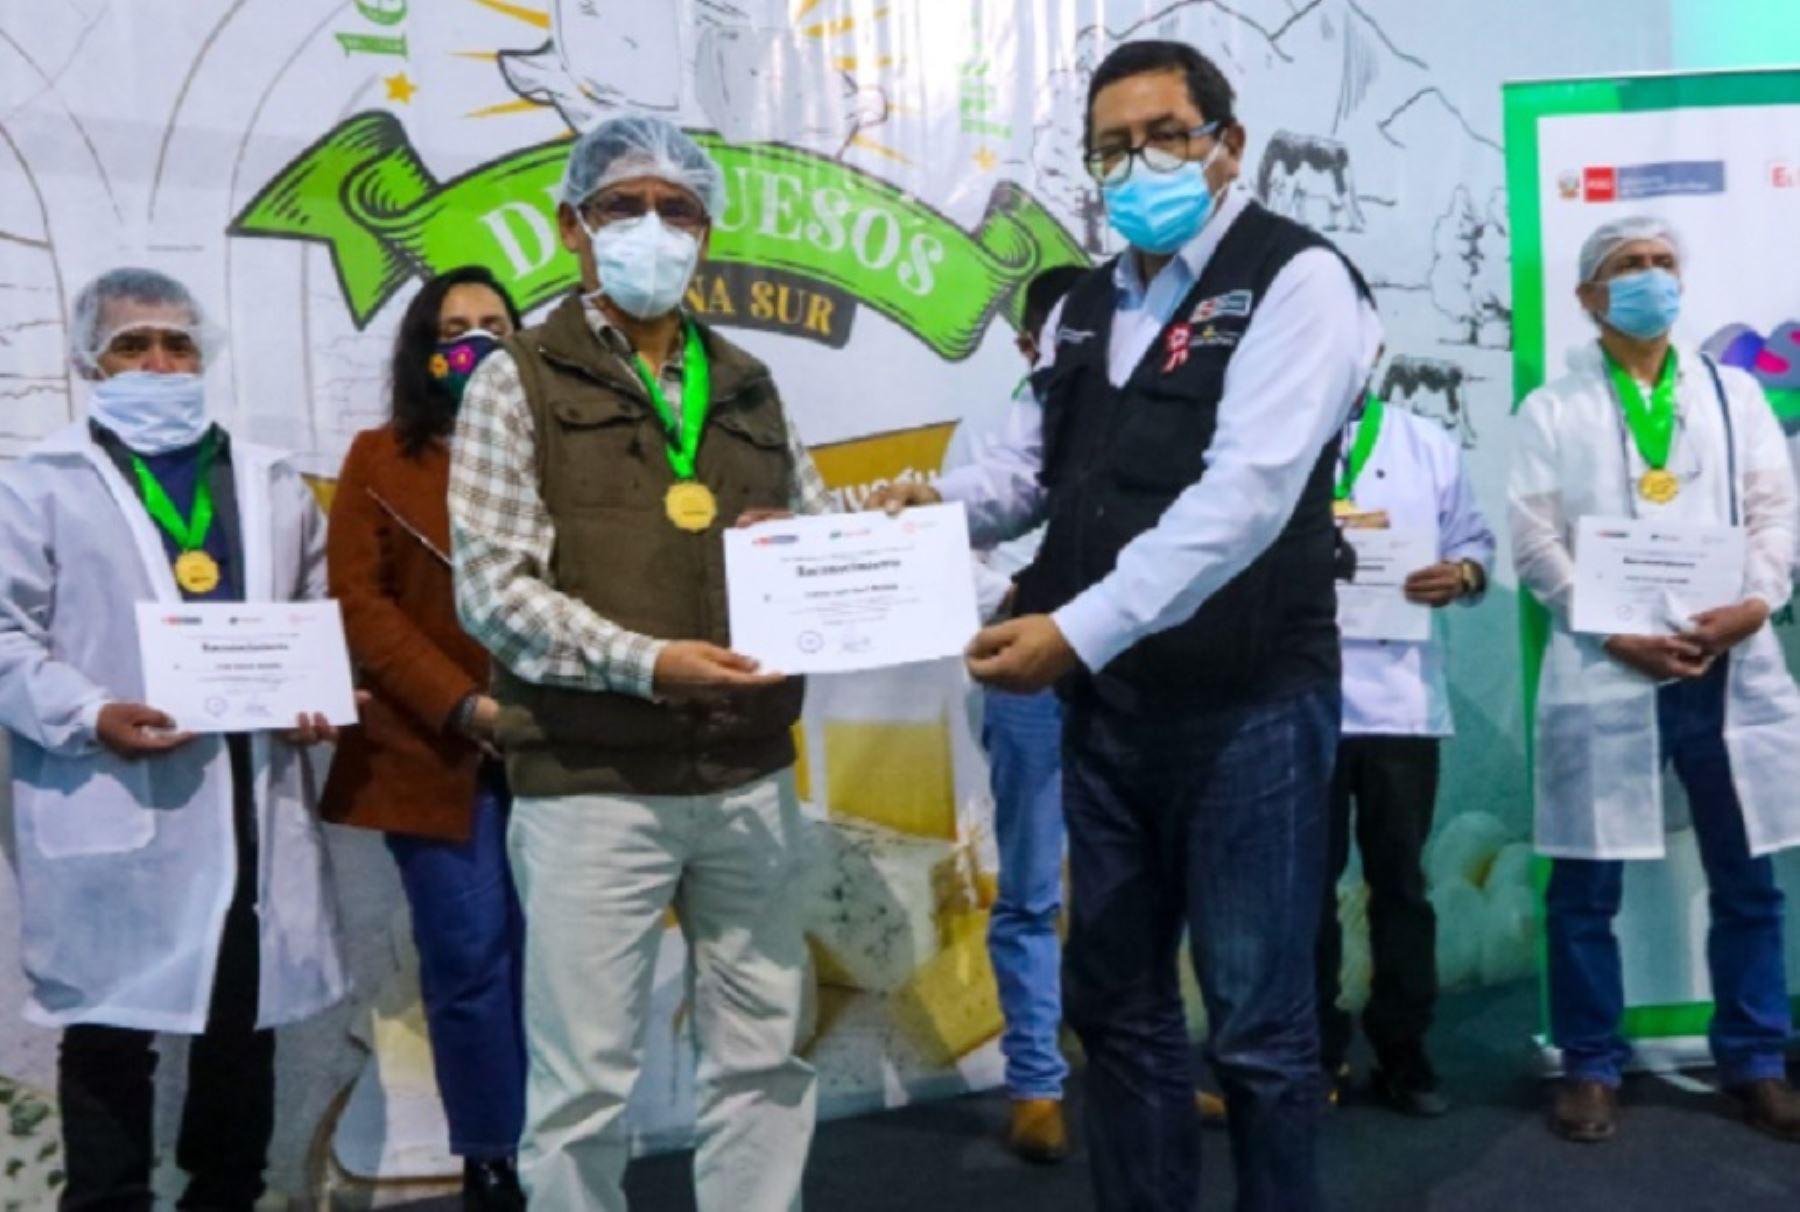 """Las regiones de Arequipa y Puno se adjudicaron los primeros lugares del """"I Concurso Macrorregional de Quesos- Zona Sur"""", organizado por el Ministerio de Desarrollo Agrario y Riego (Midagri)."""